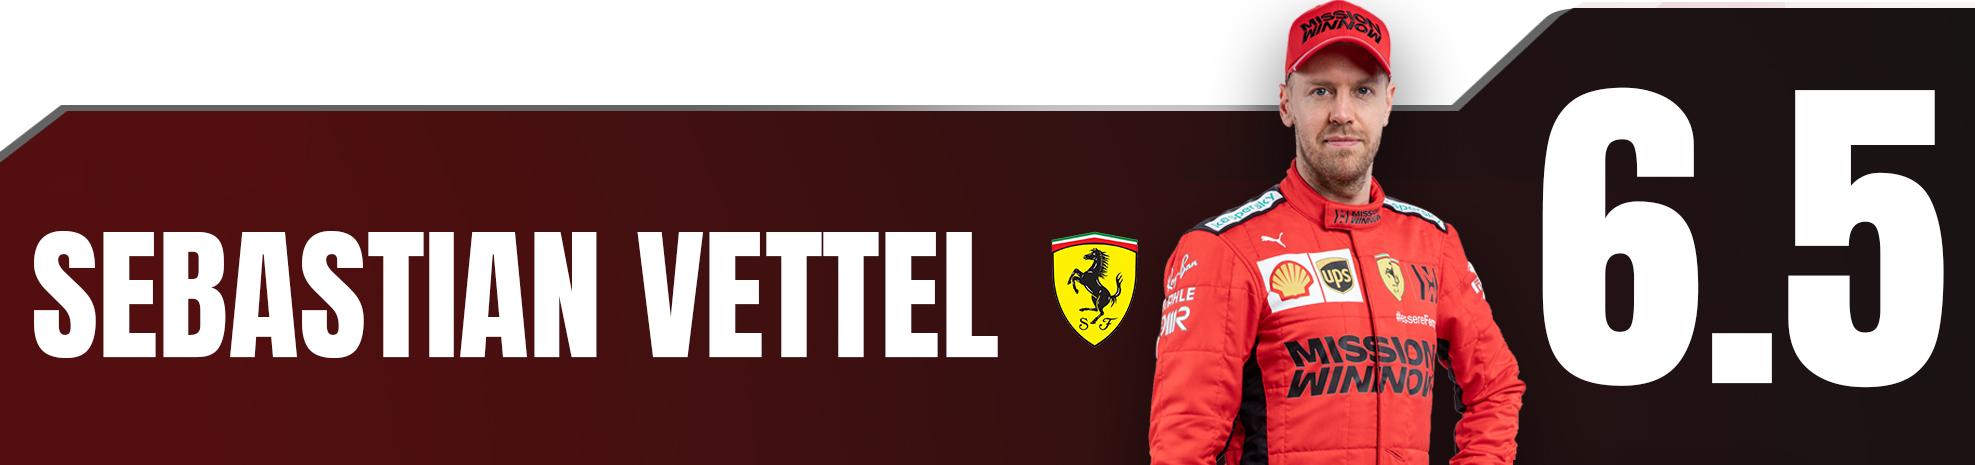 Vettel Mug